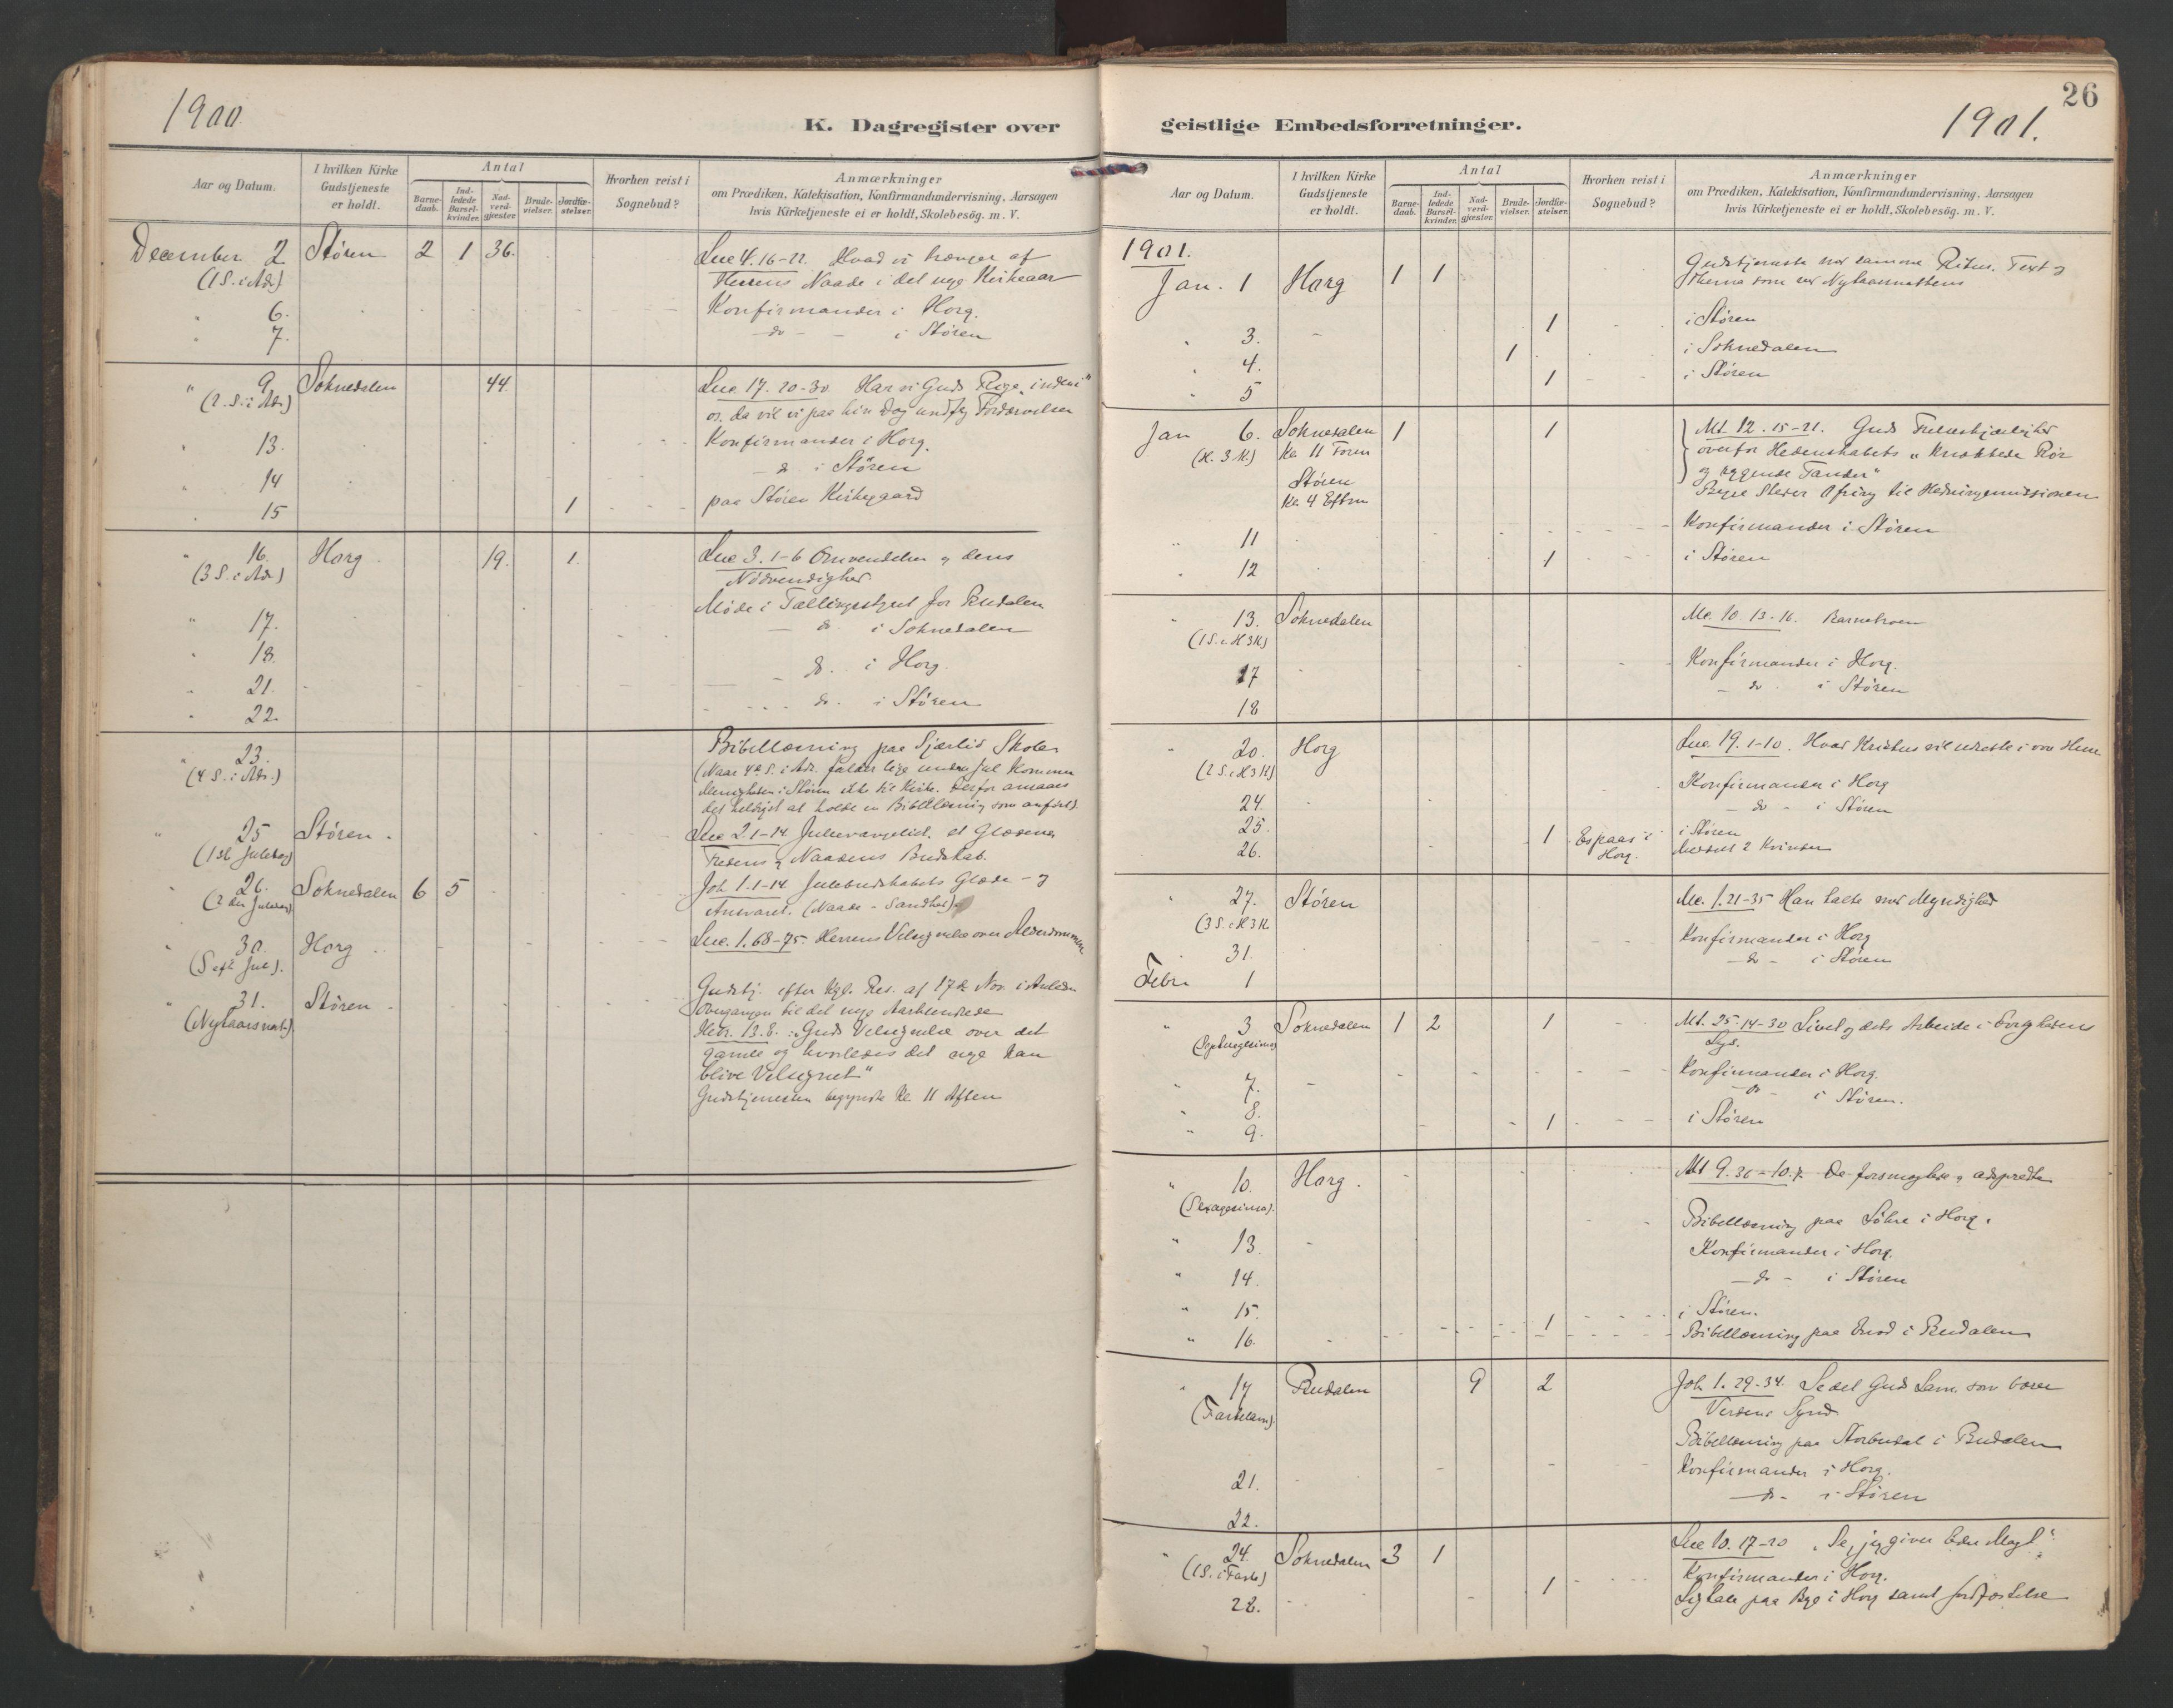 SAT, Ministerialprotokoller, klokkerbøker og fødselsregistre - Sør-Trøndelag, 687/L1005: Dagregister nr. 687A11, 1891-1912, s. 26